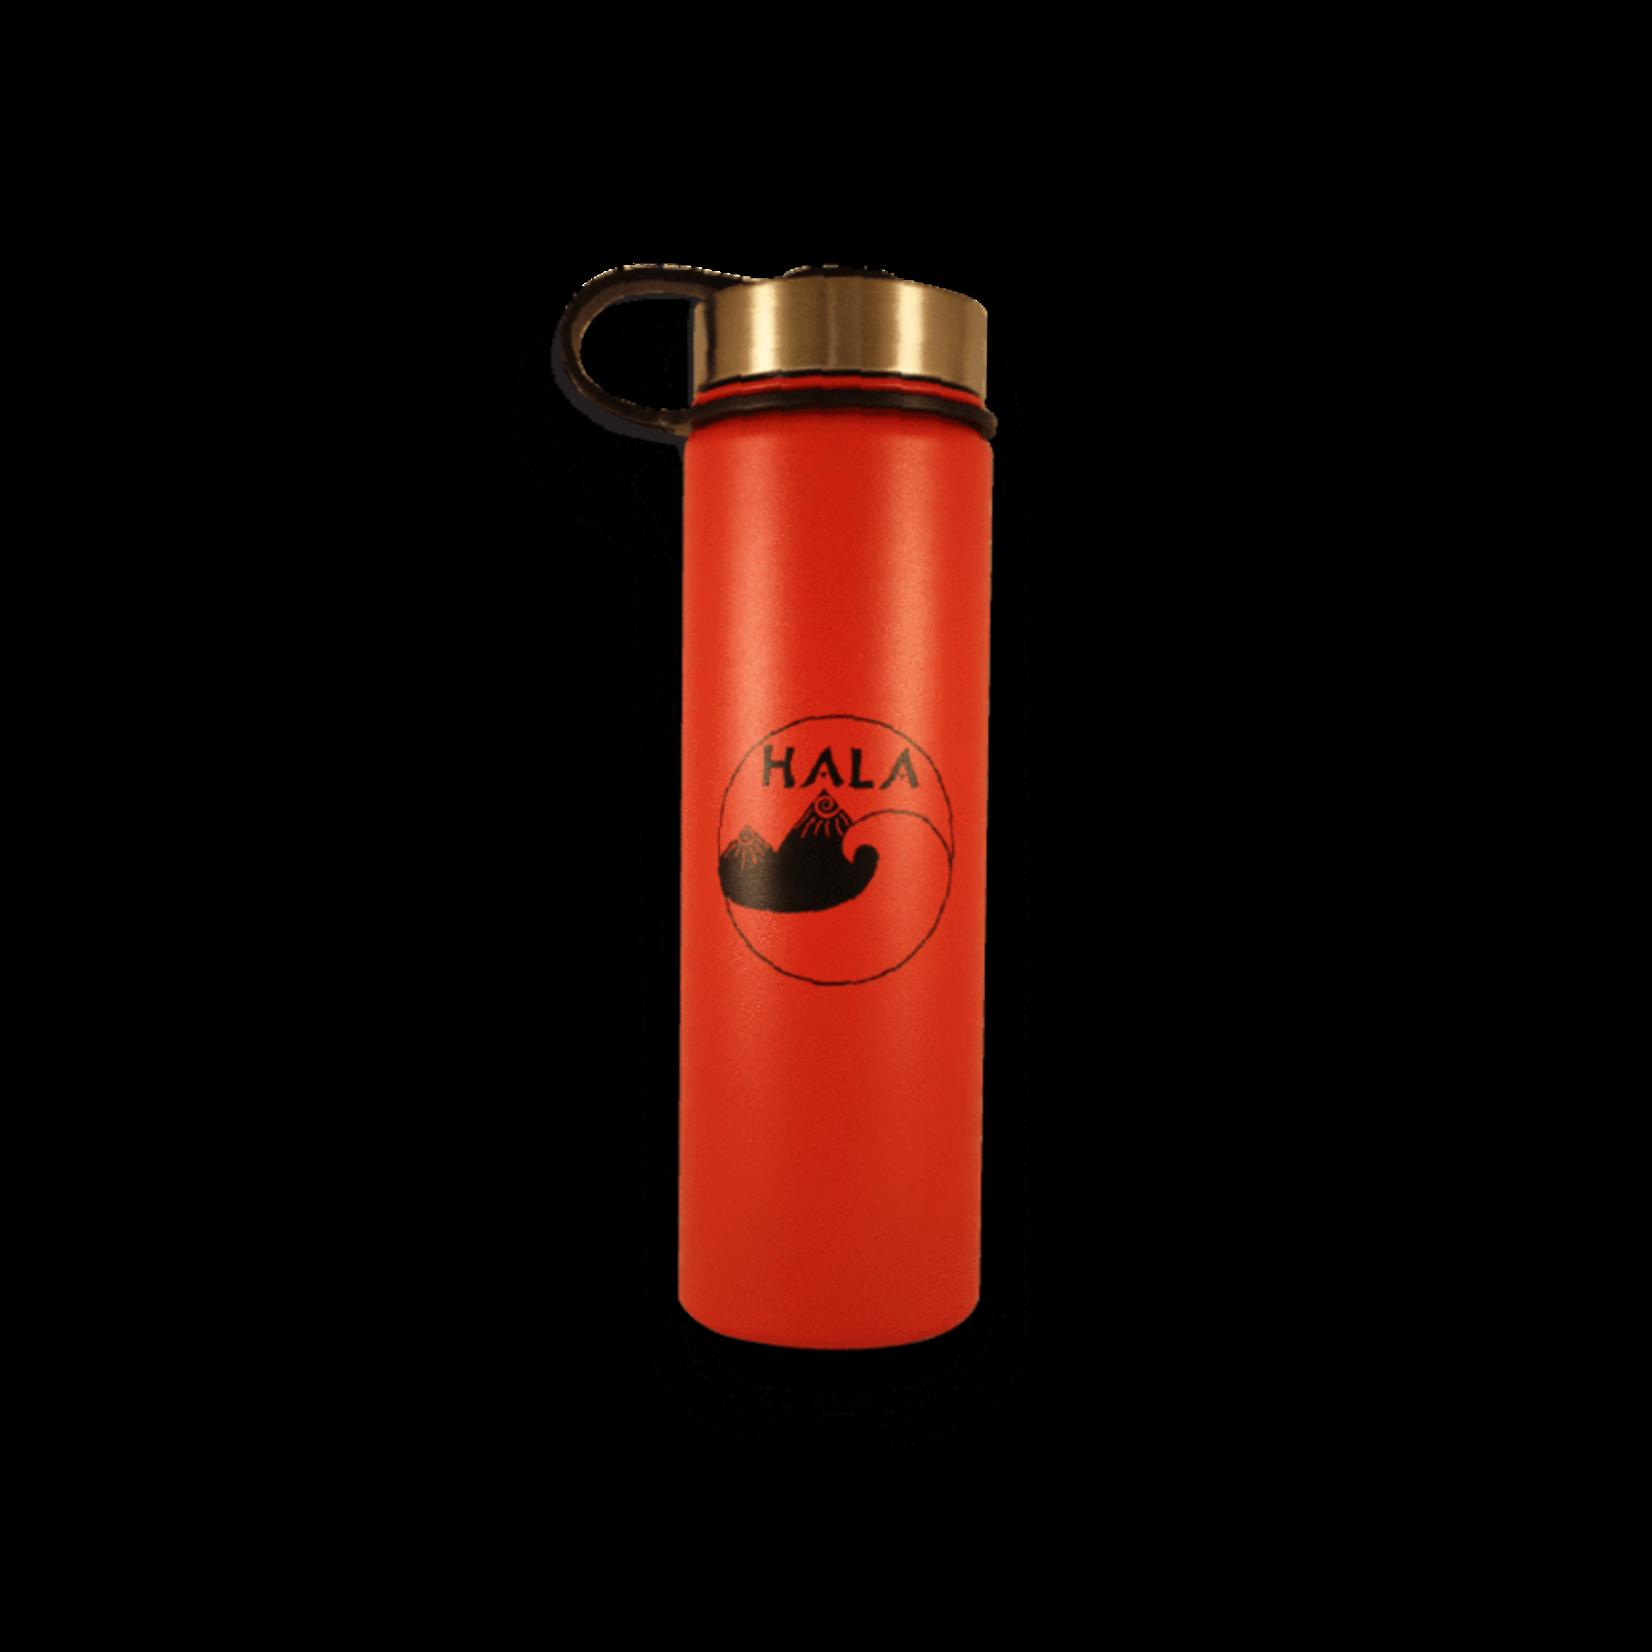 Hala Hala 22oz Insulated Water Bottle